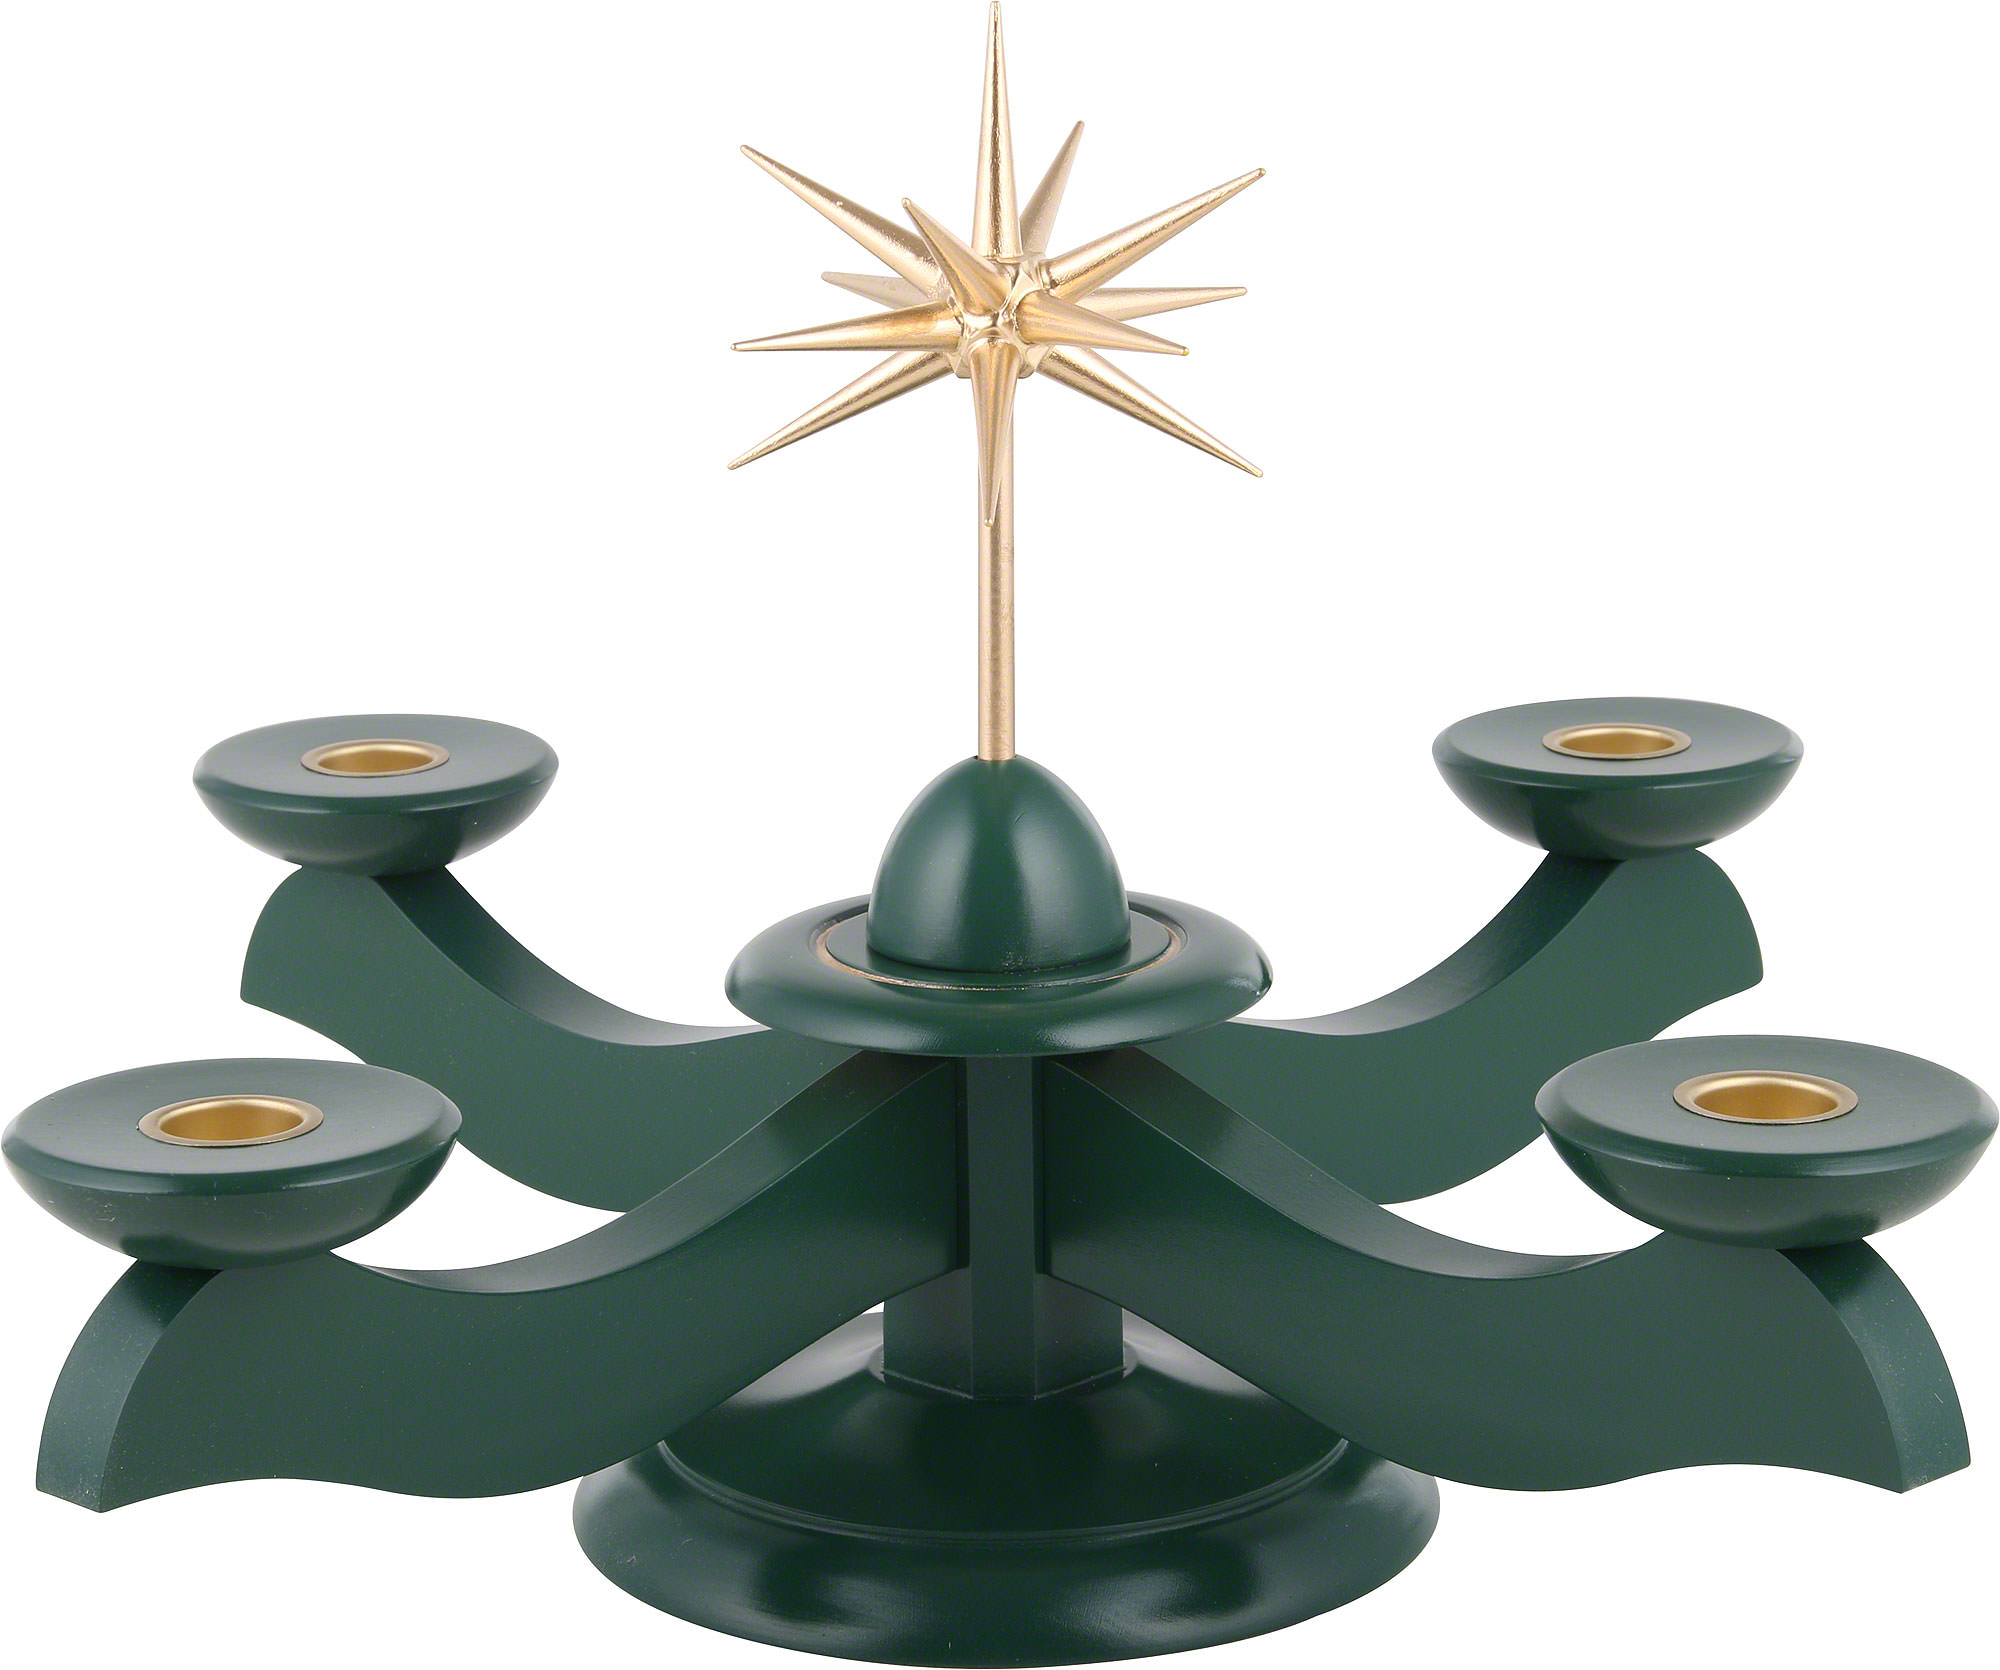 adventsleuchter mit weihnachtsstern und adventsgrün (29×29×26 cm